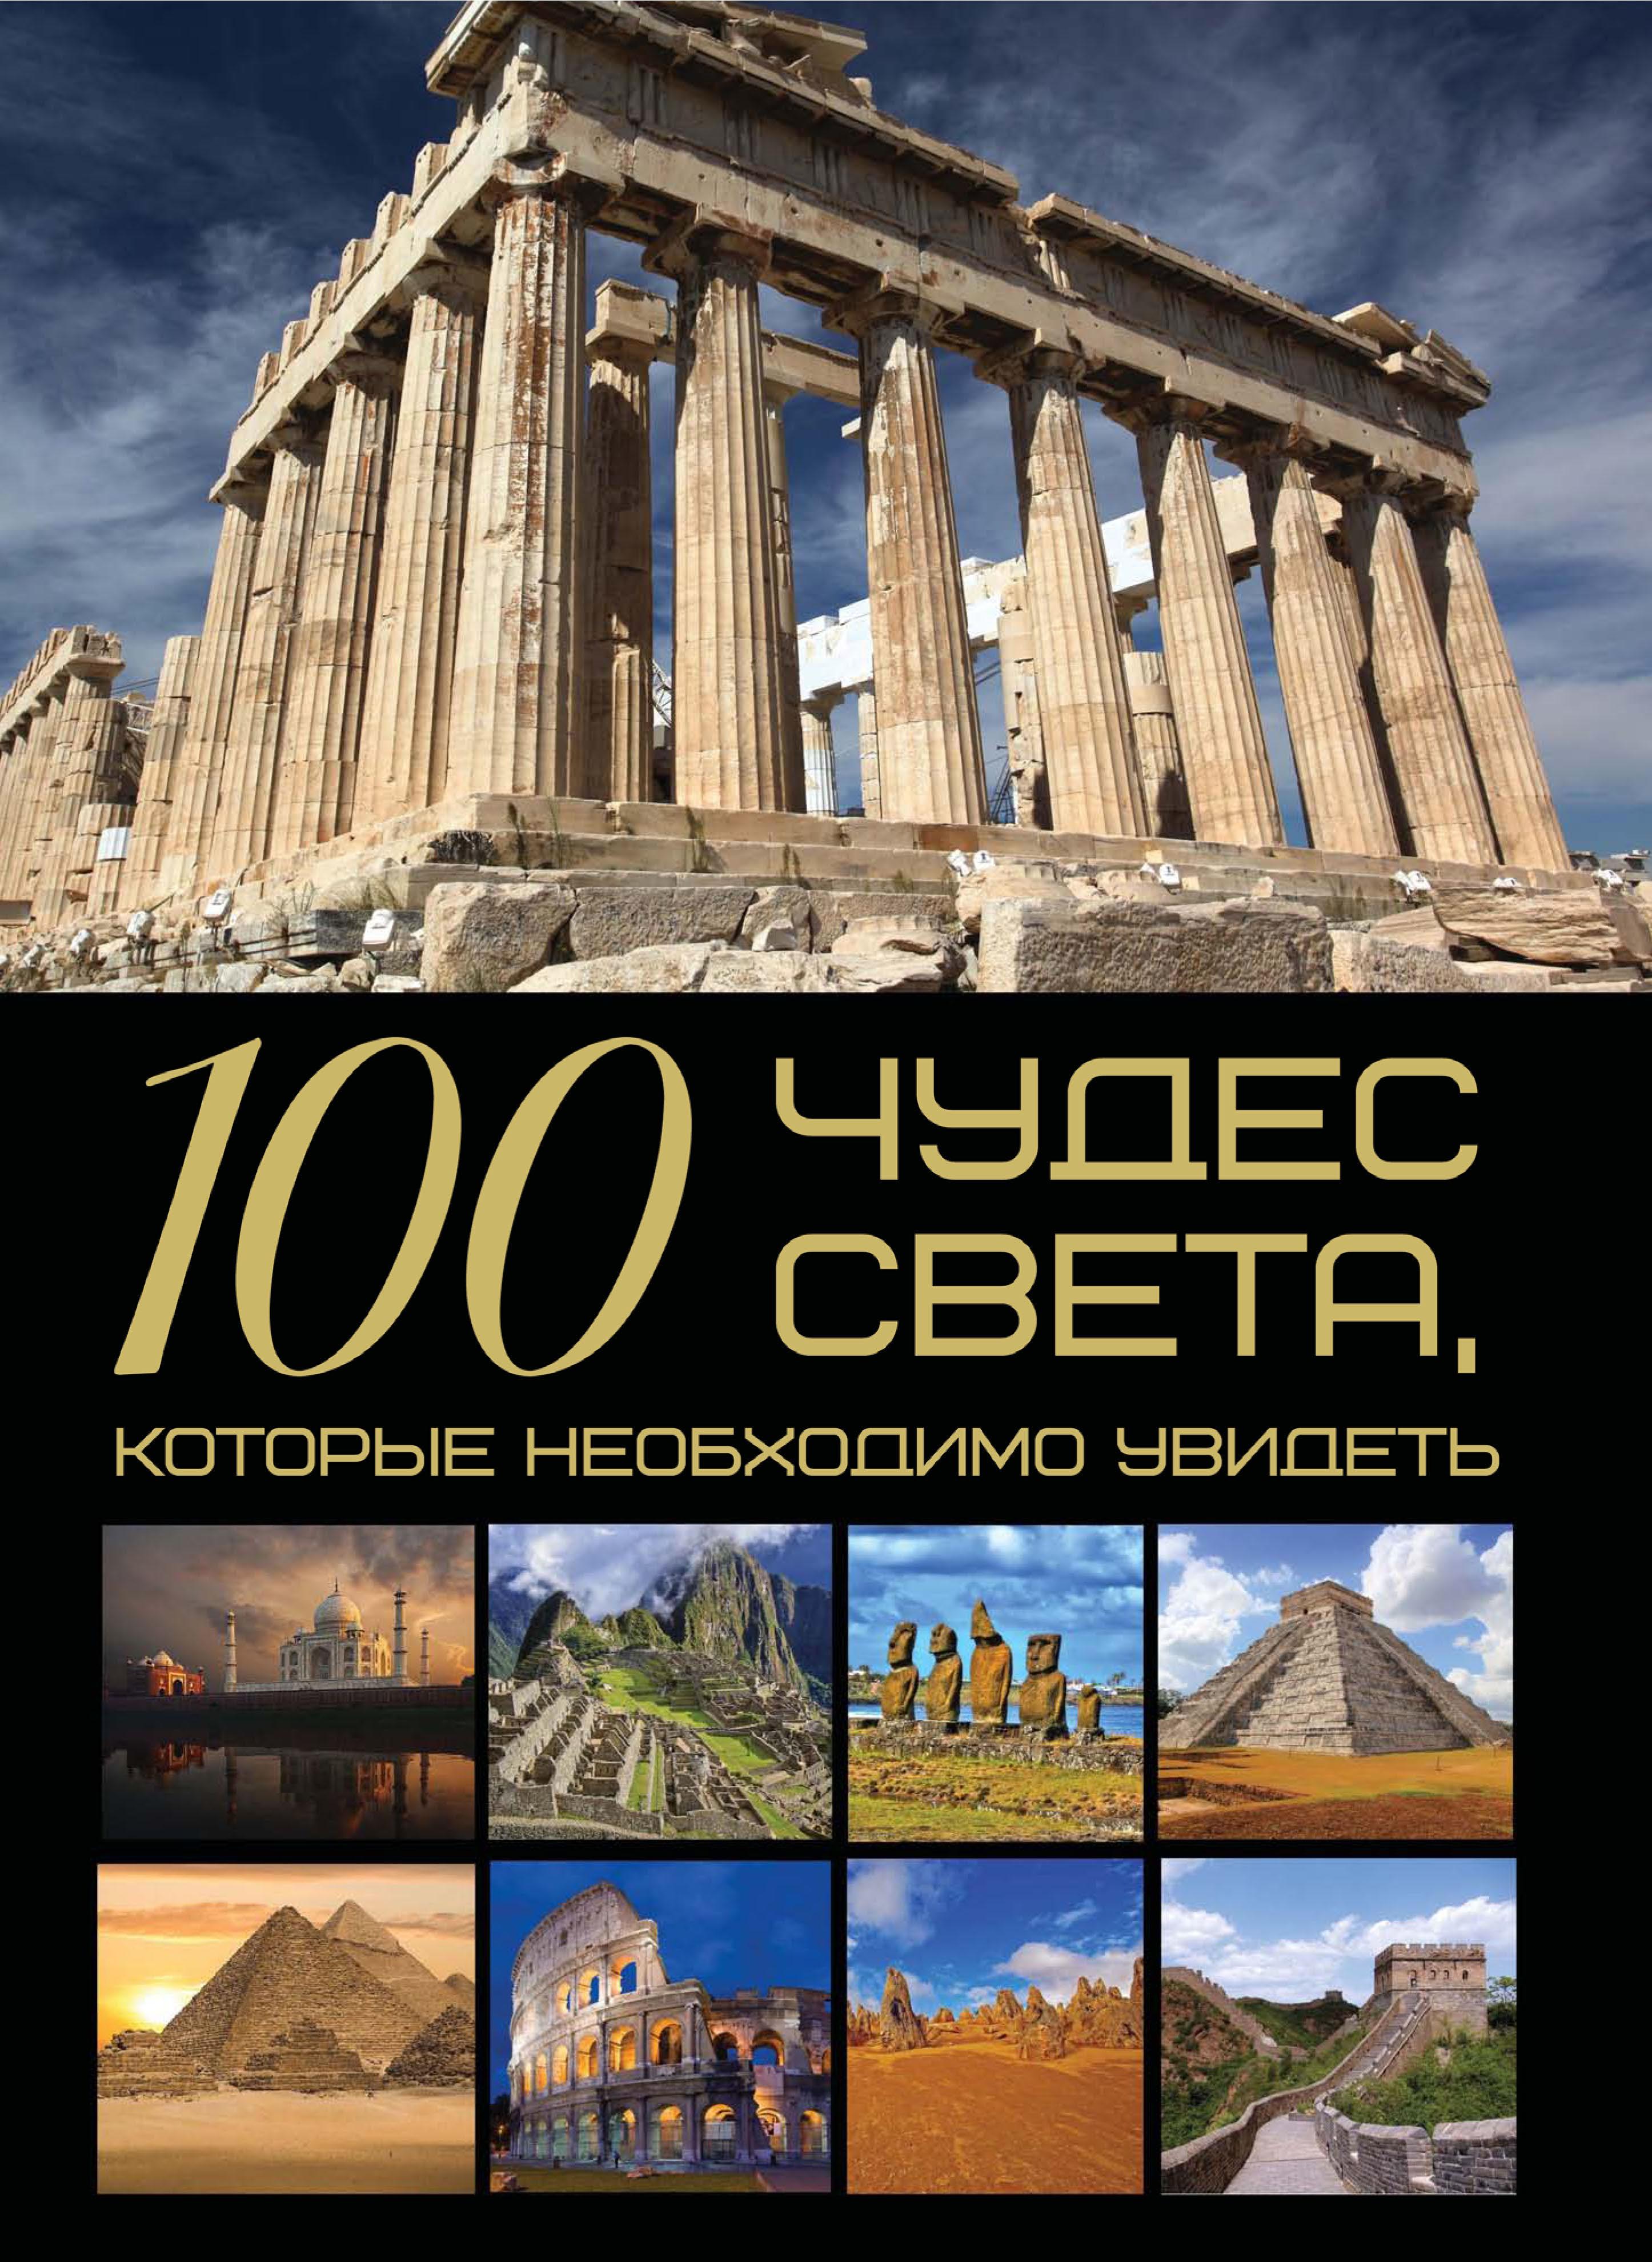 Купить книгу 100 чудес света, которые необходимо увидеть, автора Т. Л. Шереметьевой